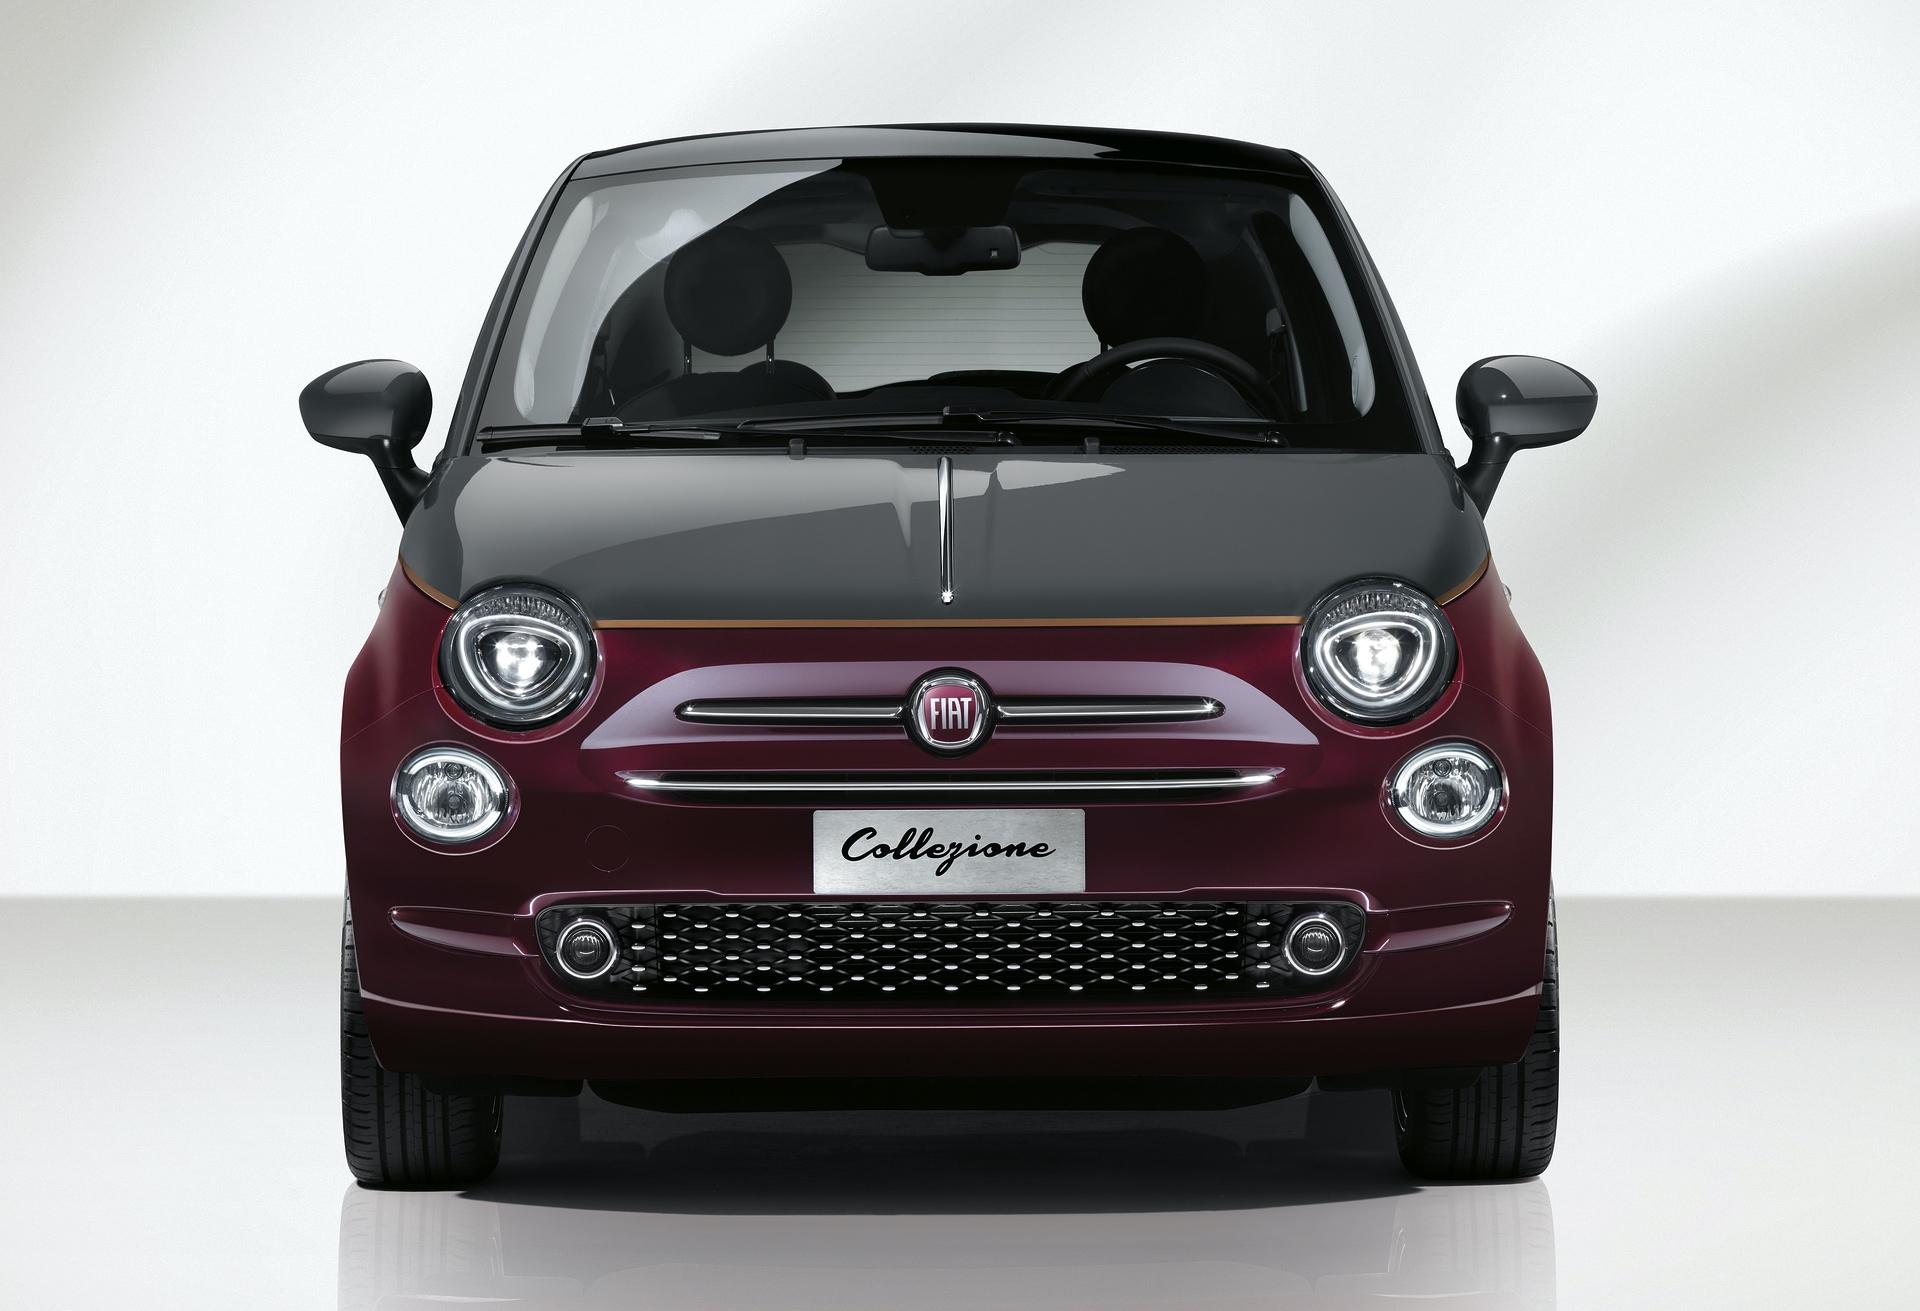 Fiat_500_Collezione_Edition_0017